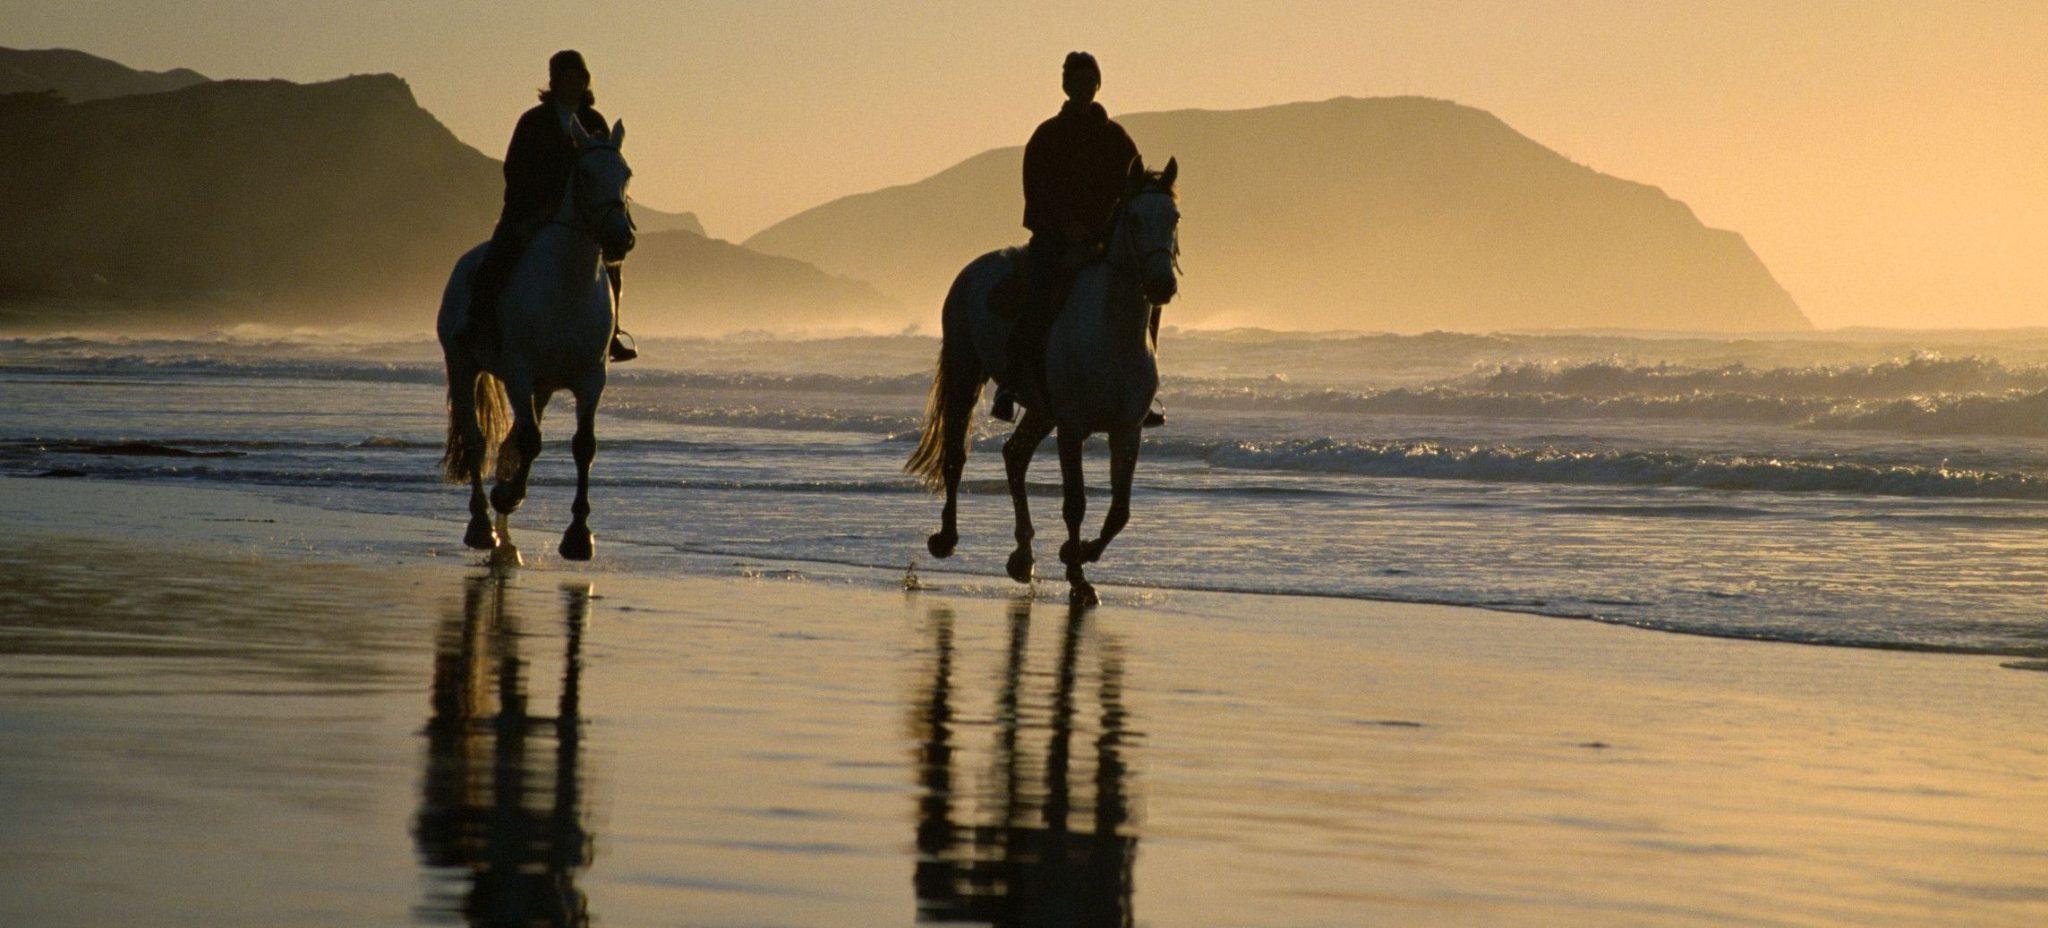 Horse-Riding-Beach